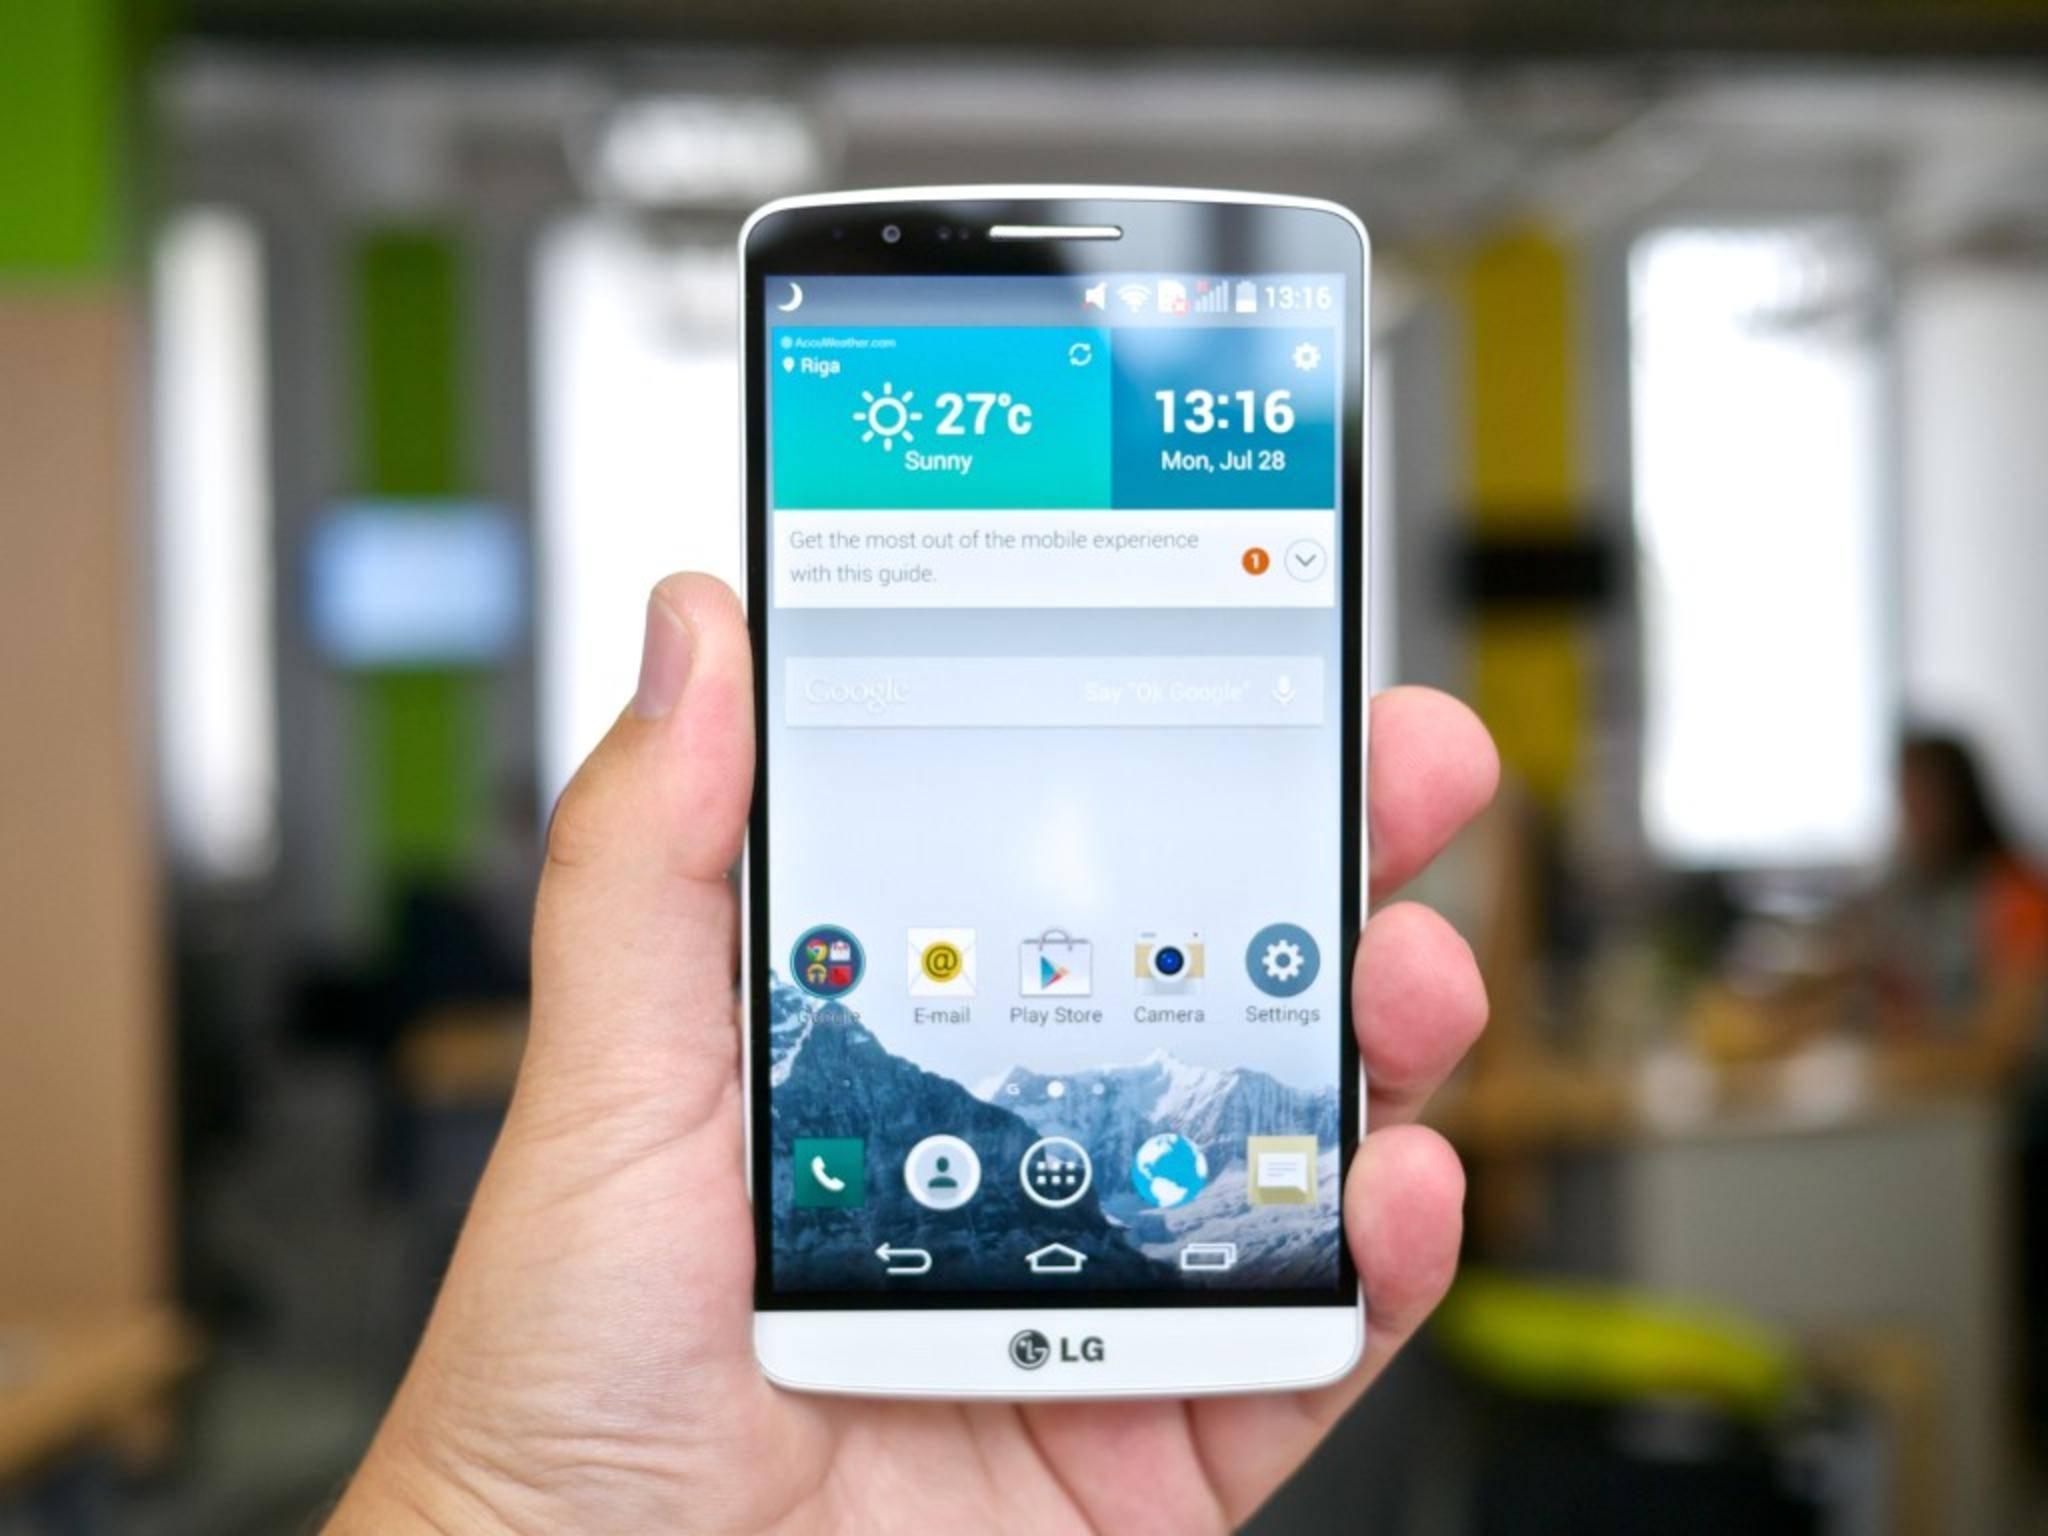 Das LG G3 besitzt ein 5,5 Zoll großes Display.